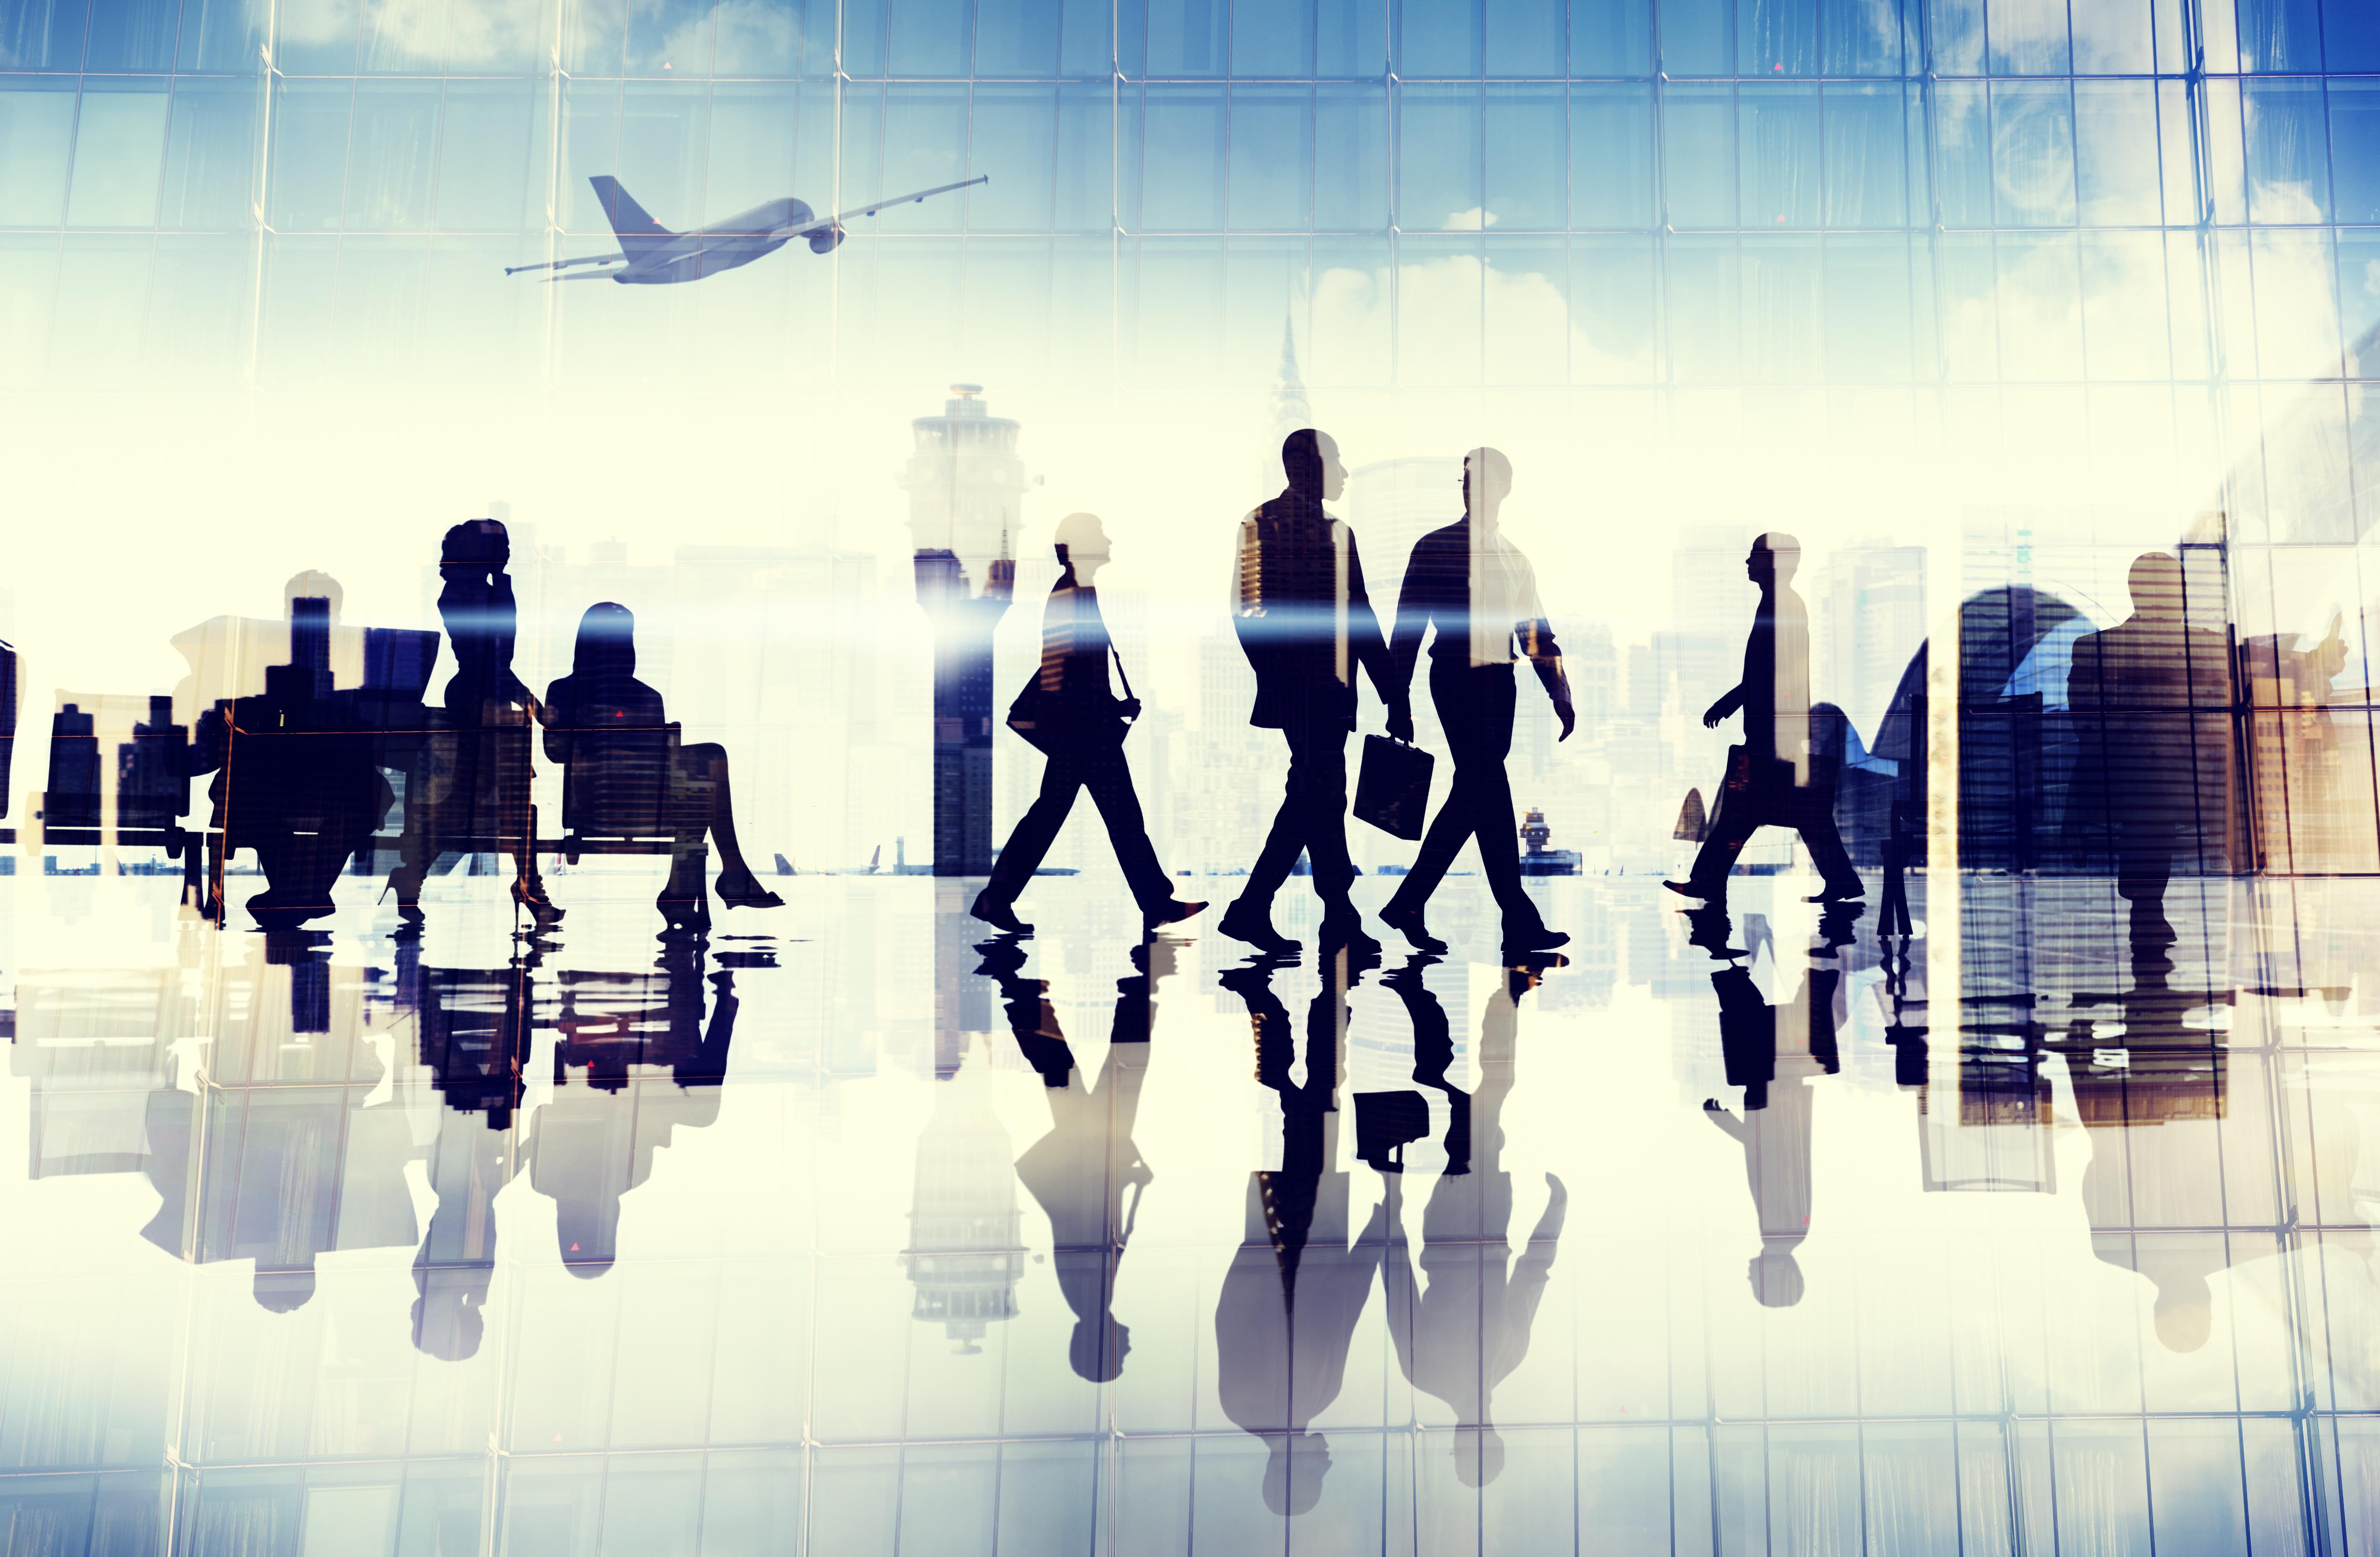 海外駐在20年のプロフェッショナルが語る~グローバルビジネスに必要な資質とは~